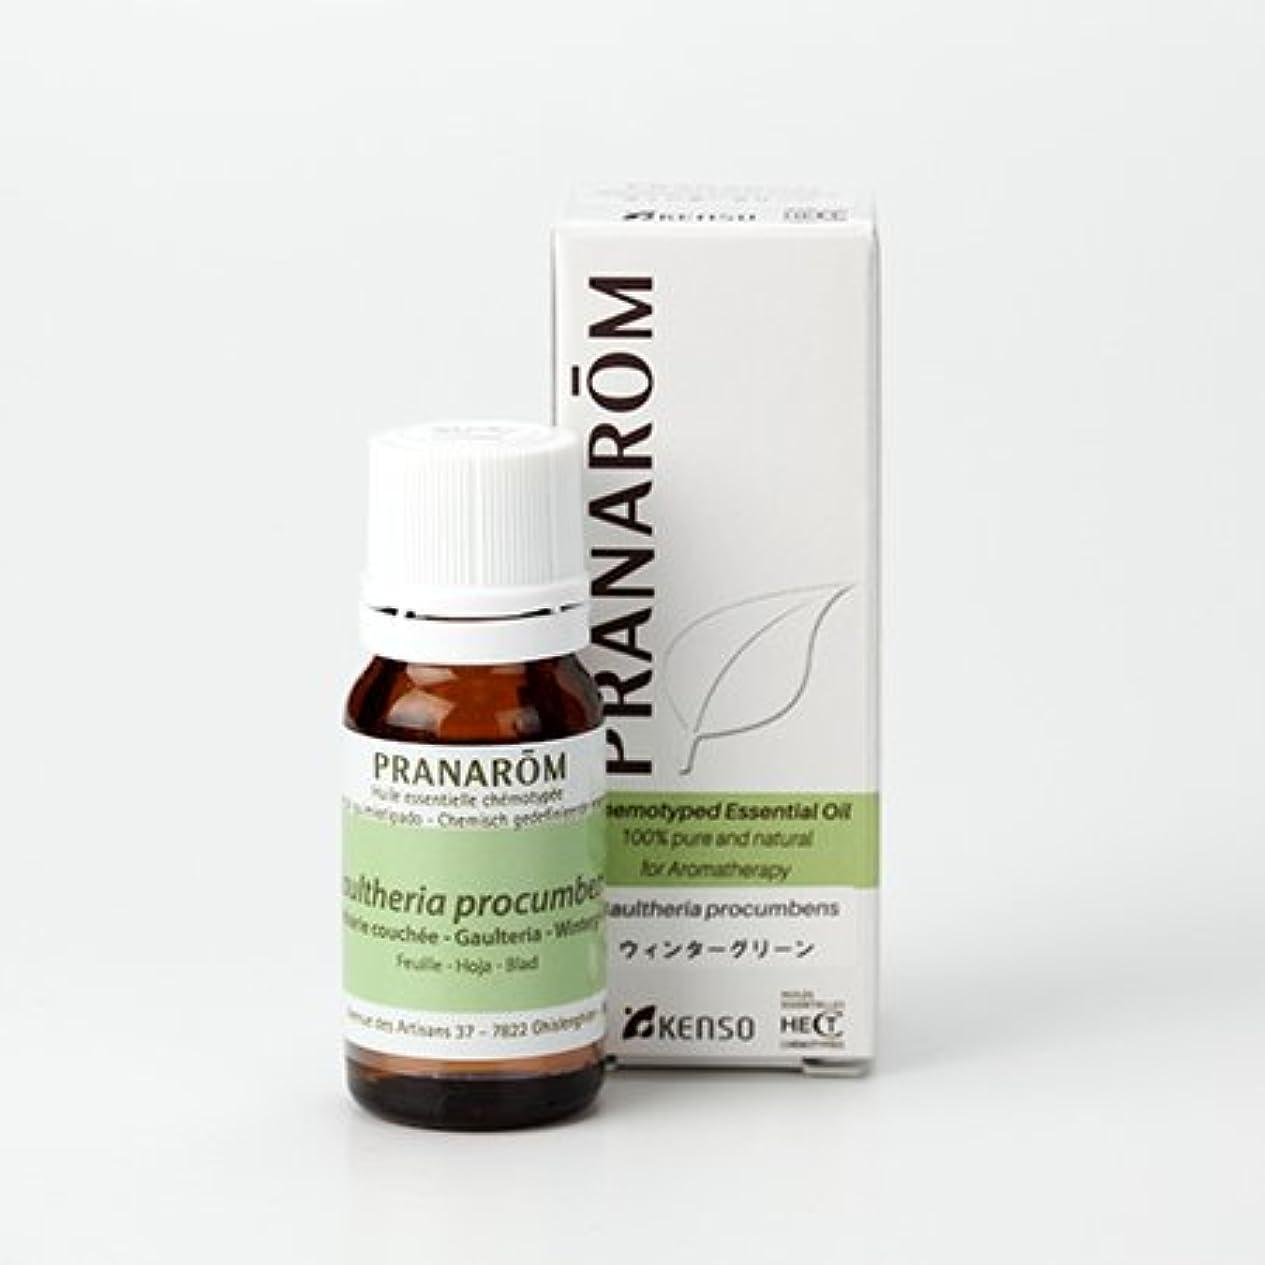 リスキーな抵抗力がある対抗プラナロム ( PRANAROM ) 精油 ウィンターグリーン 10ml p-76